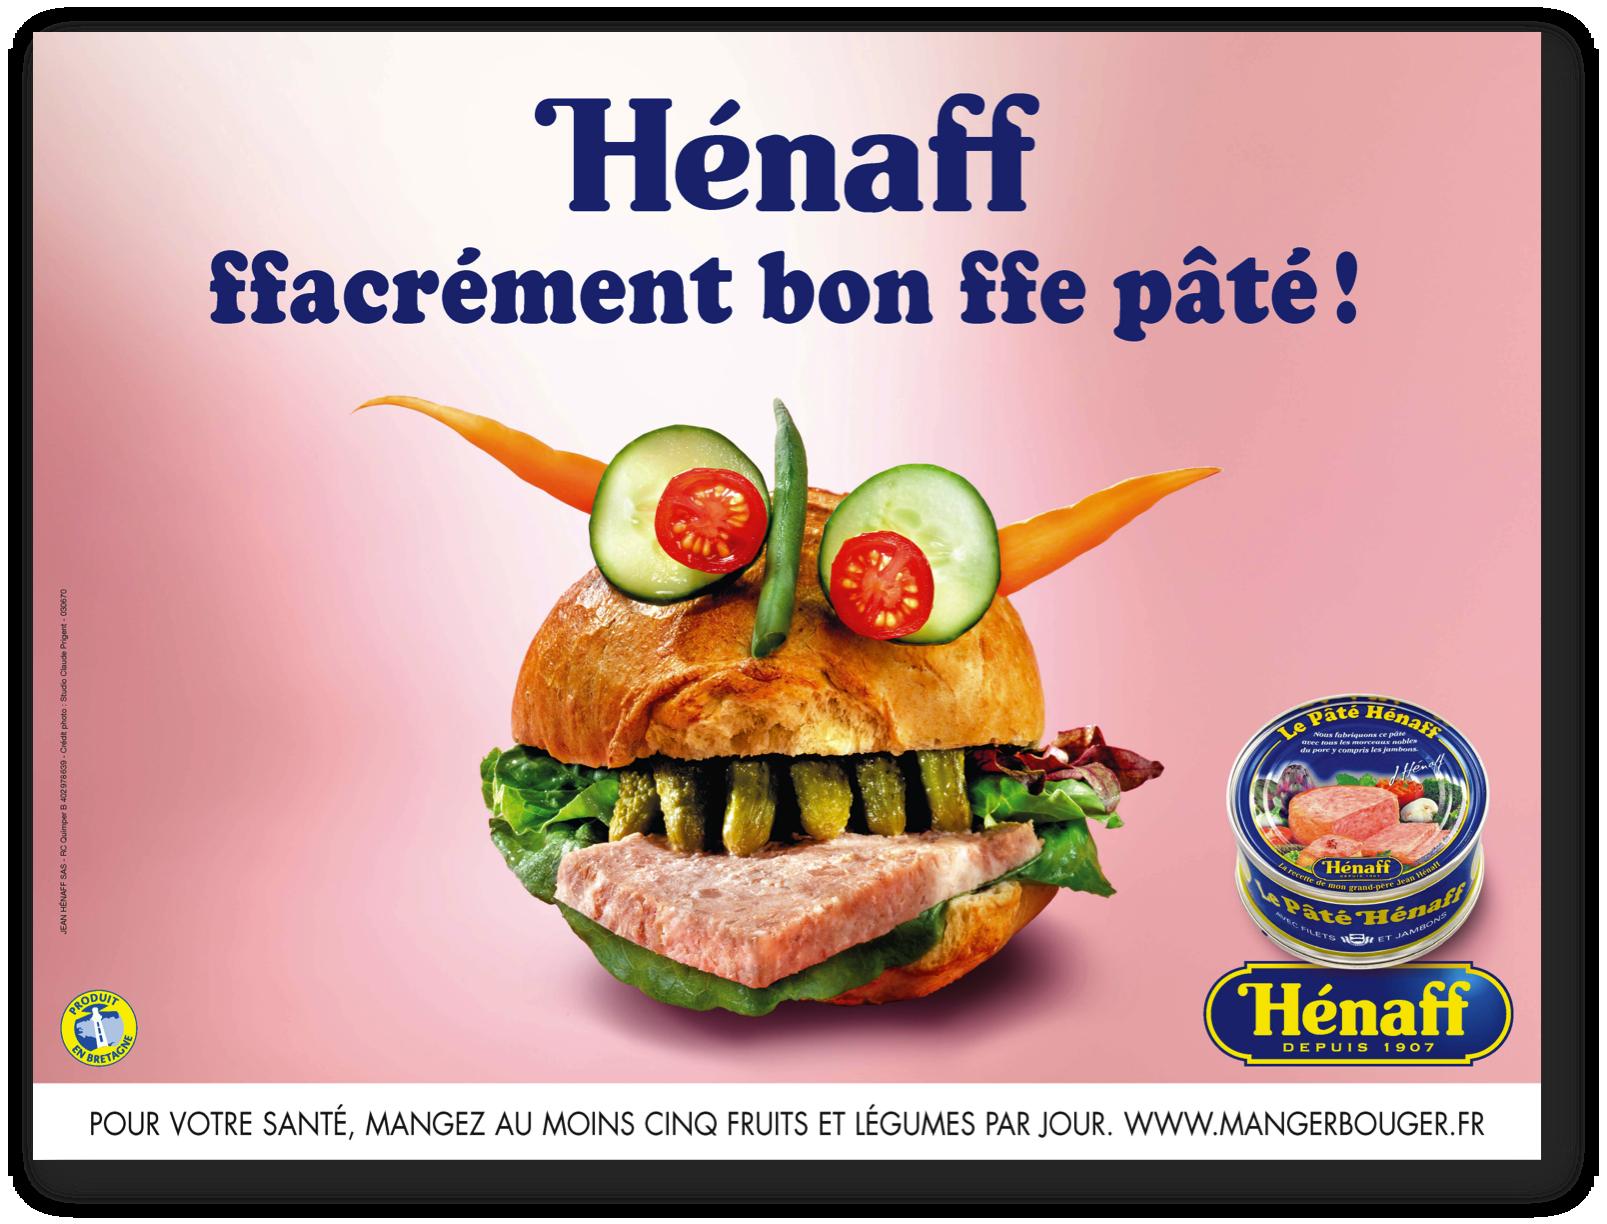 henaffpate